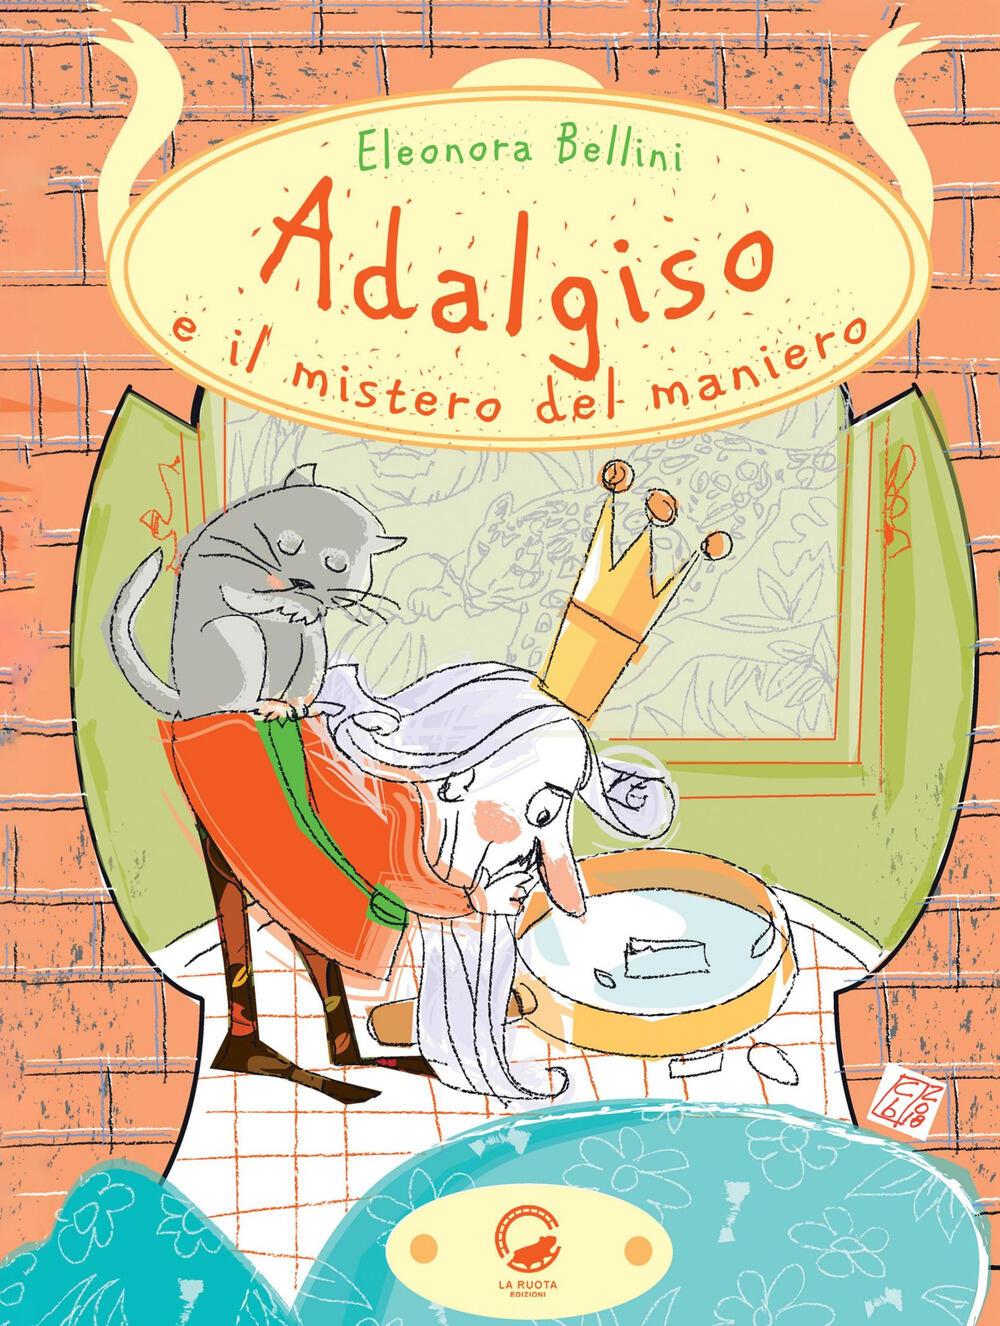 Risultati immagini per ADALGISO E IL MISTERO DEL MANIERO di Eleonora Bellini